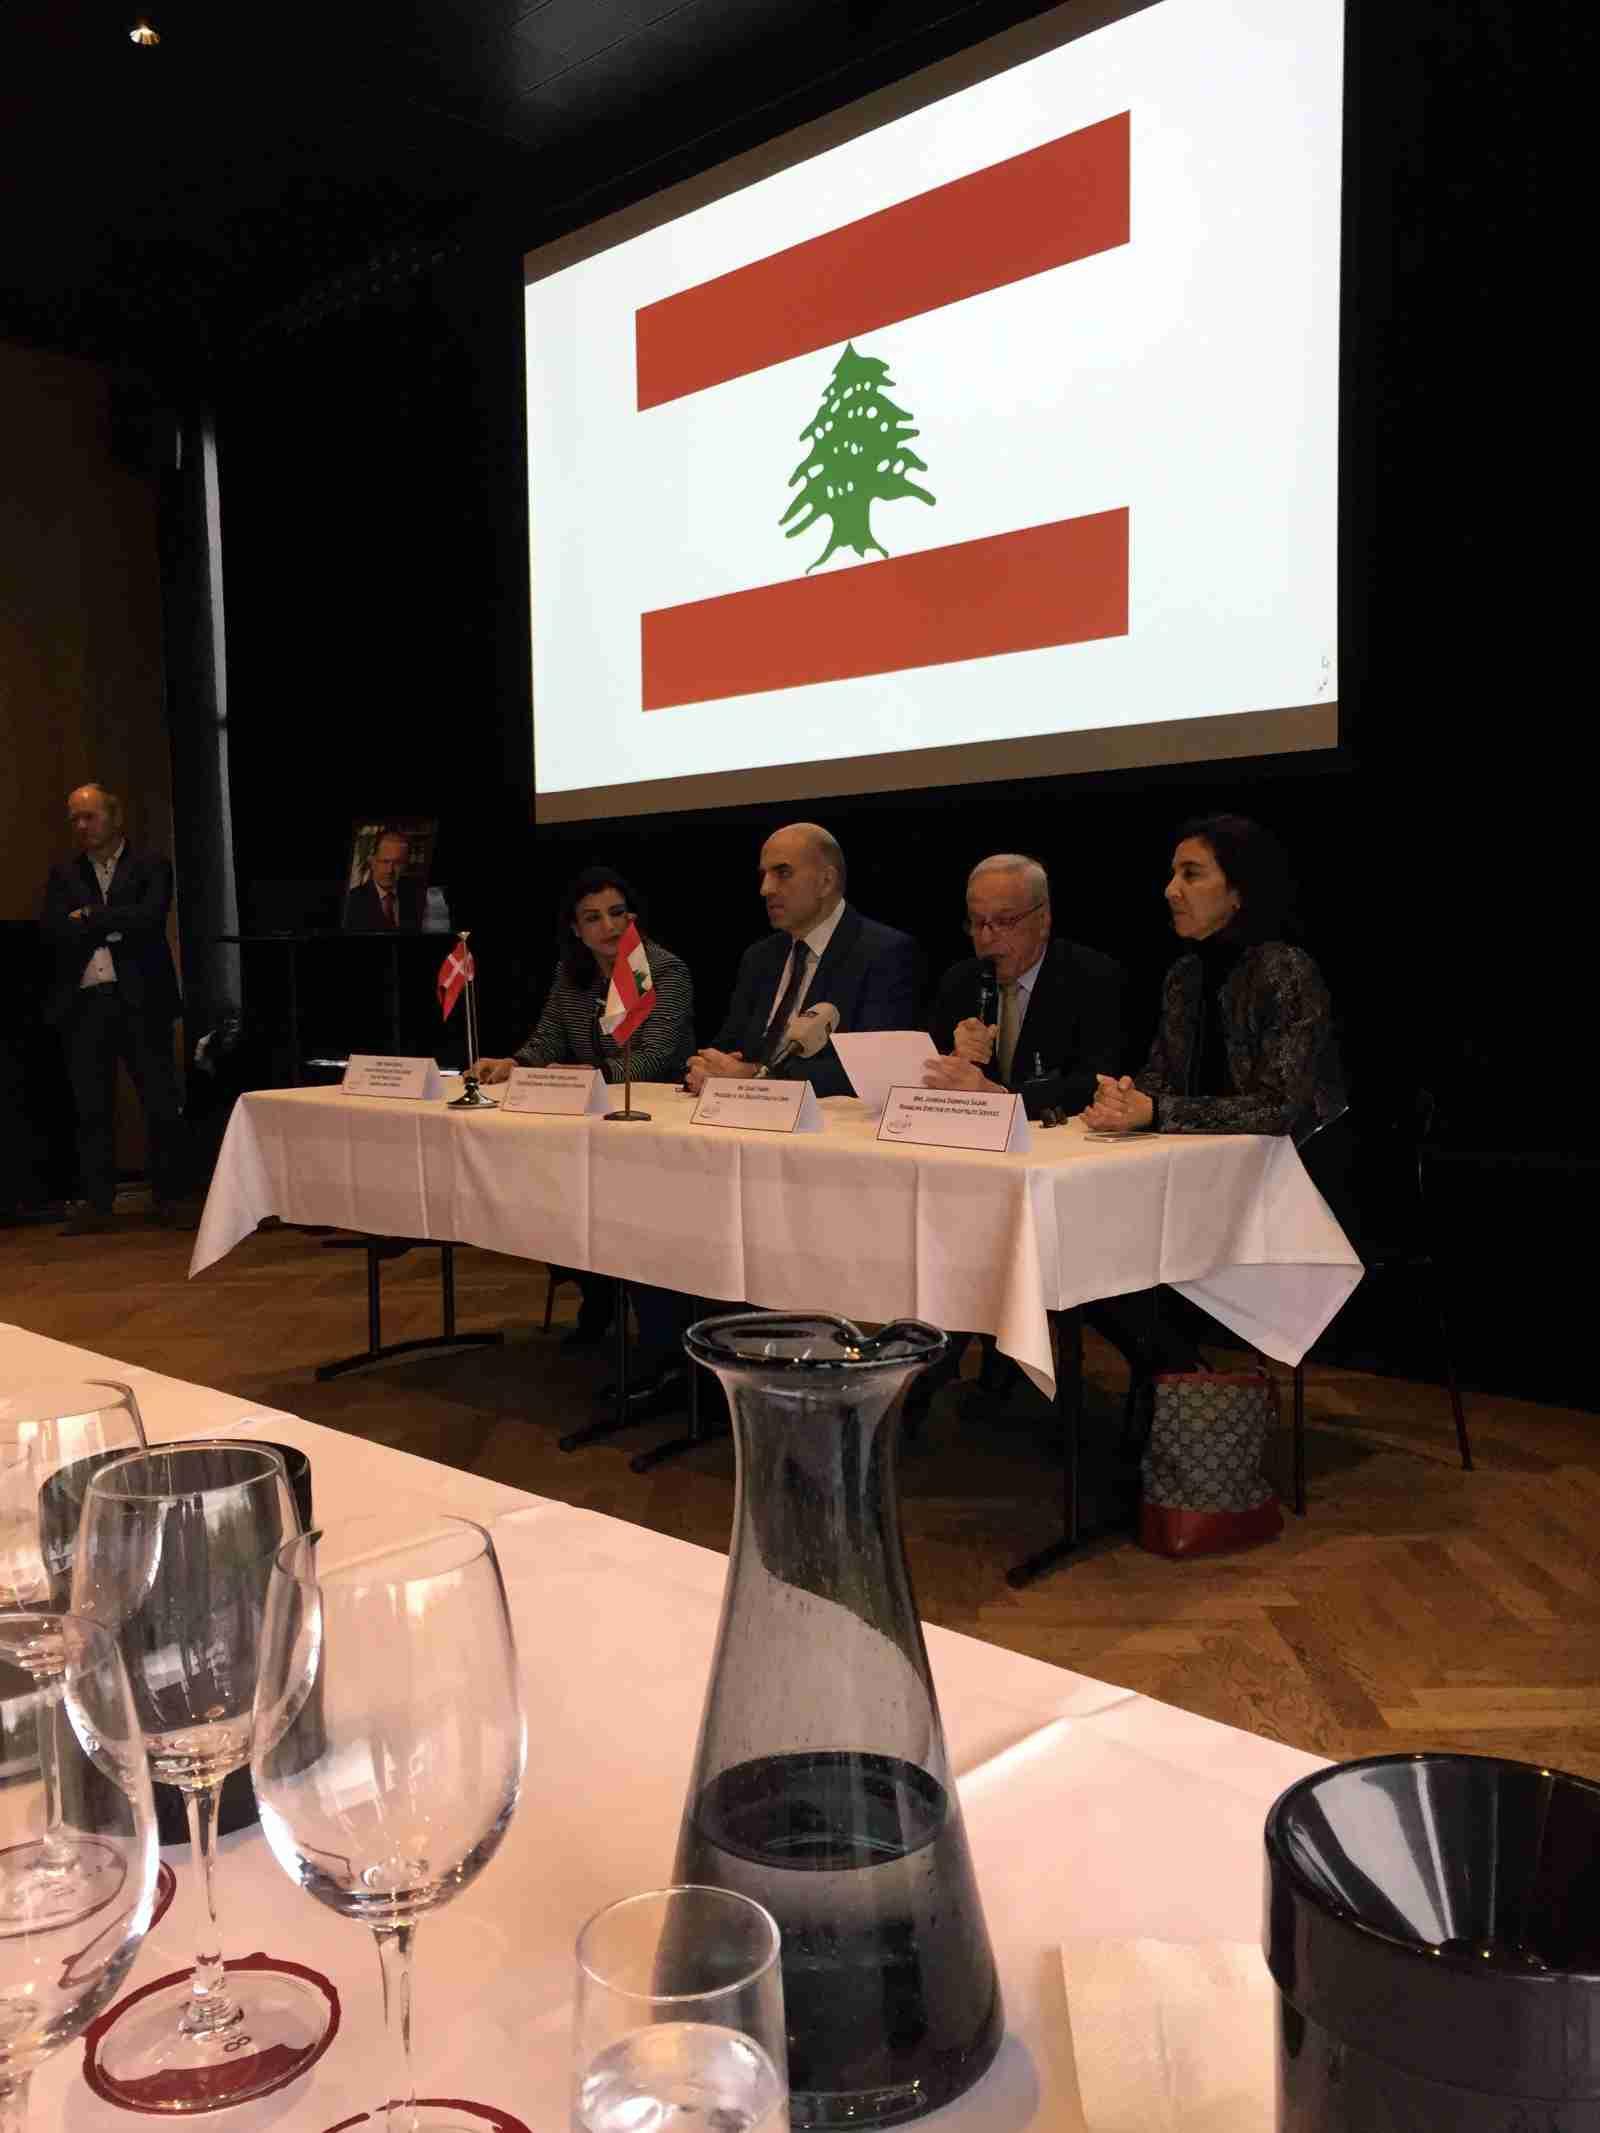 Om de kan lave vin i Libanon. At de libanesiske vinproducenter er stolte af både deres land og vine, er ingen underdrivelse. Smagningen blev indledt med nationalhymne og flere højtidelige taler.